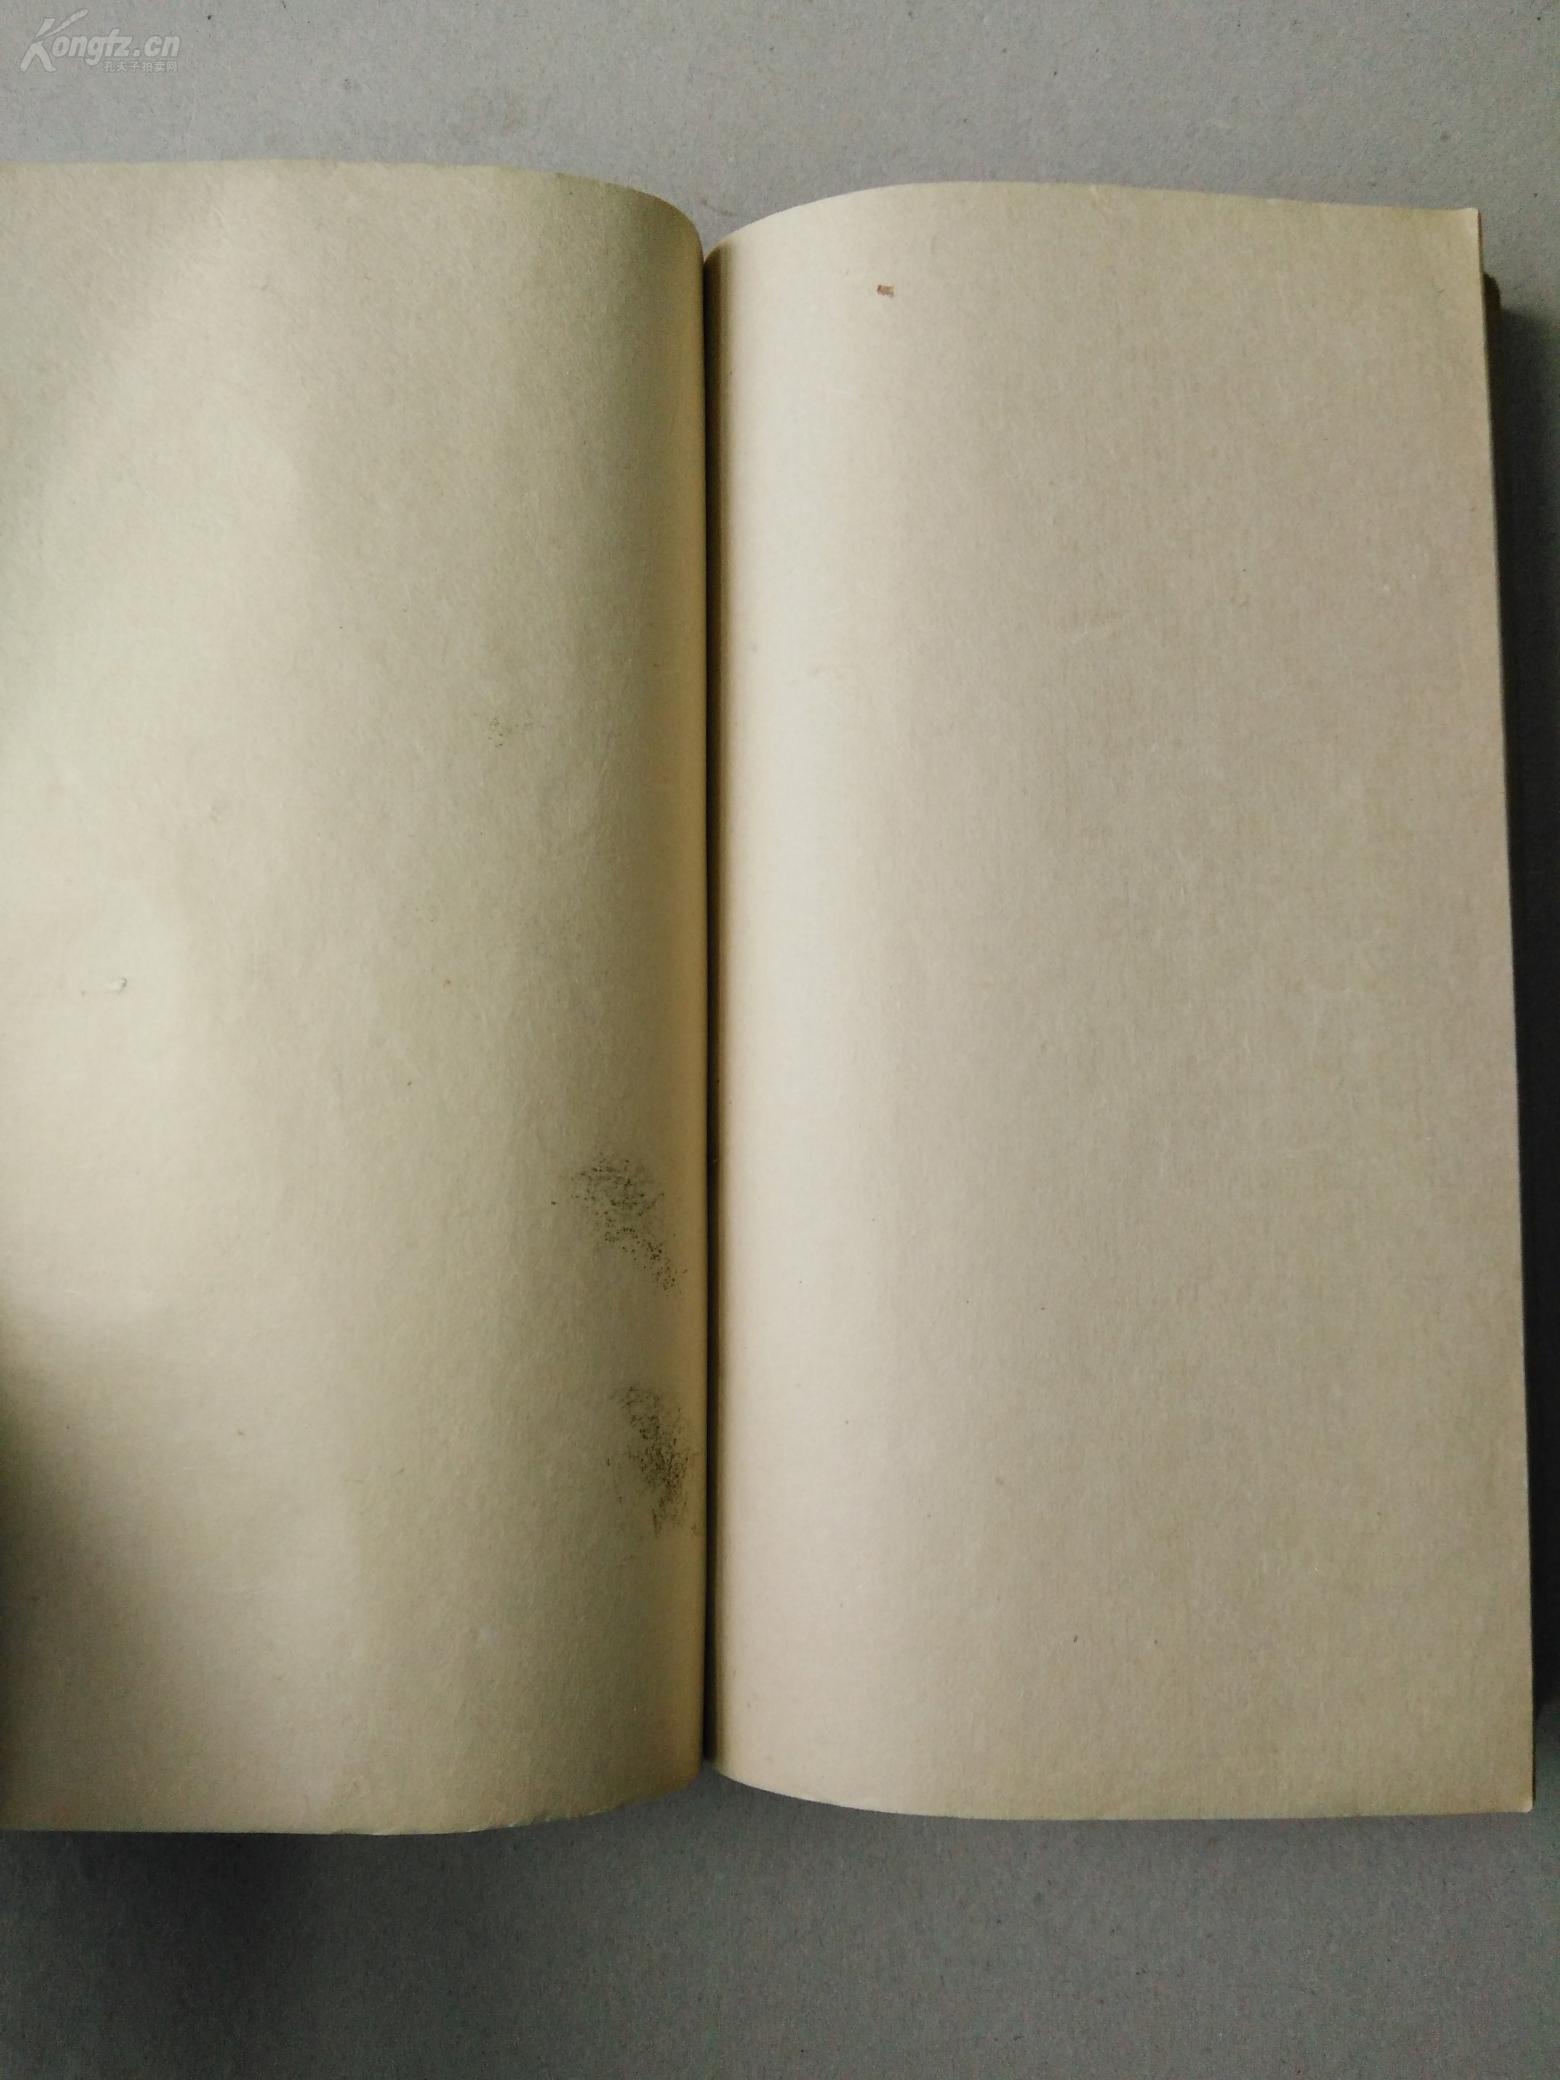 古代书信范本:手写本《书柬活套》/楷书行书两种字体/书法漂亮/后附有图片